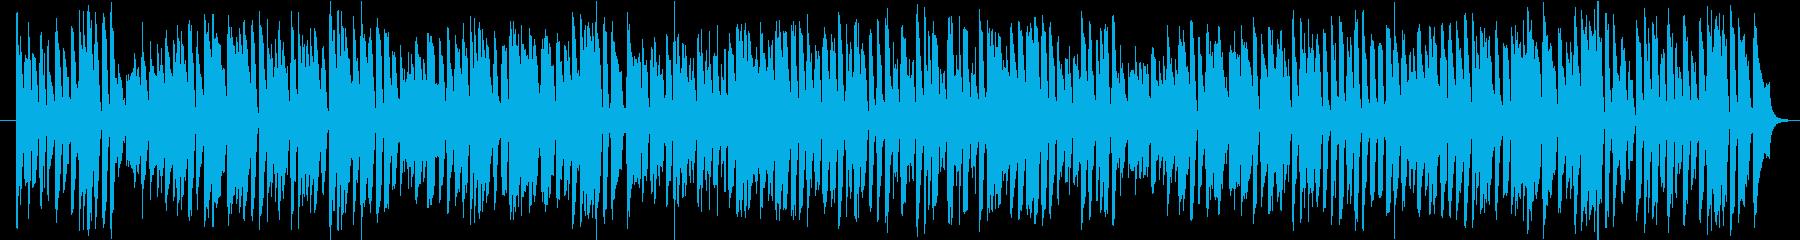 トークや遊び、ティータイム向けBGMの再生済みの波形